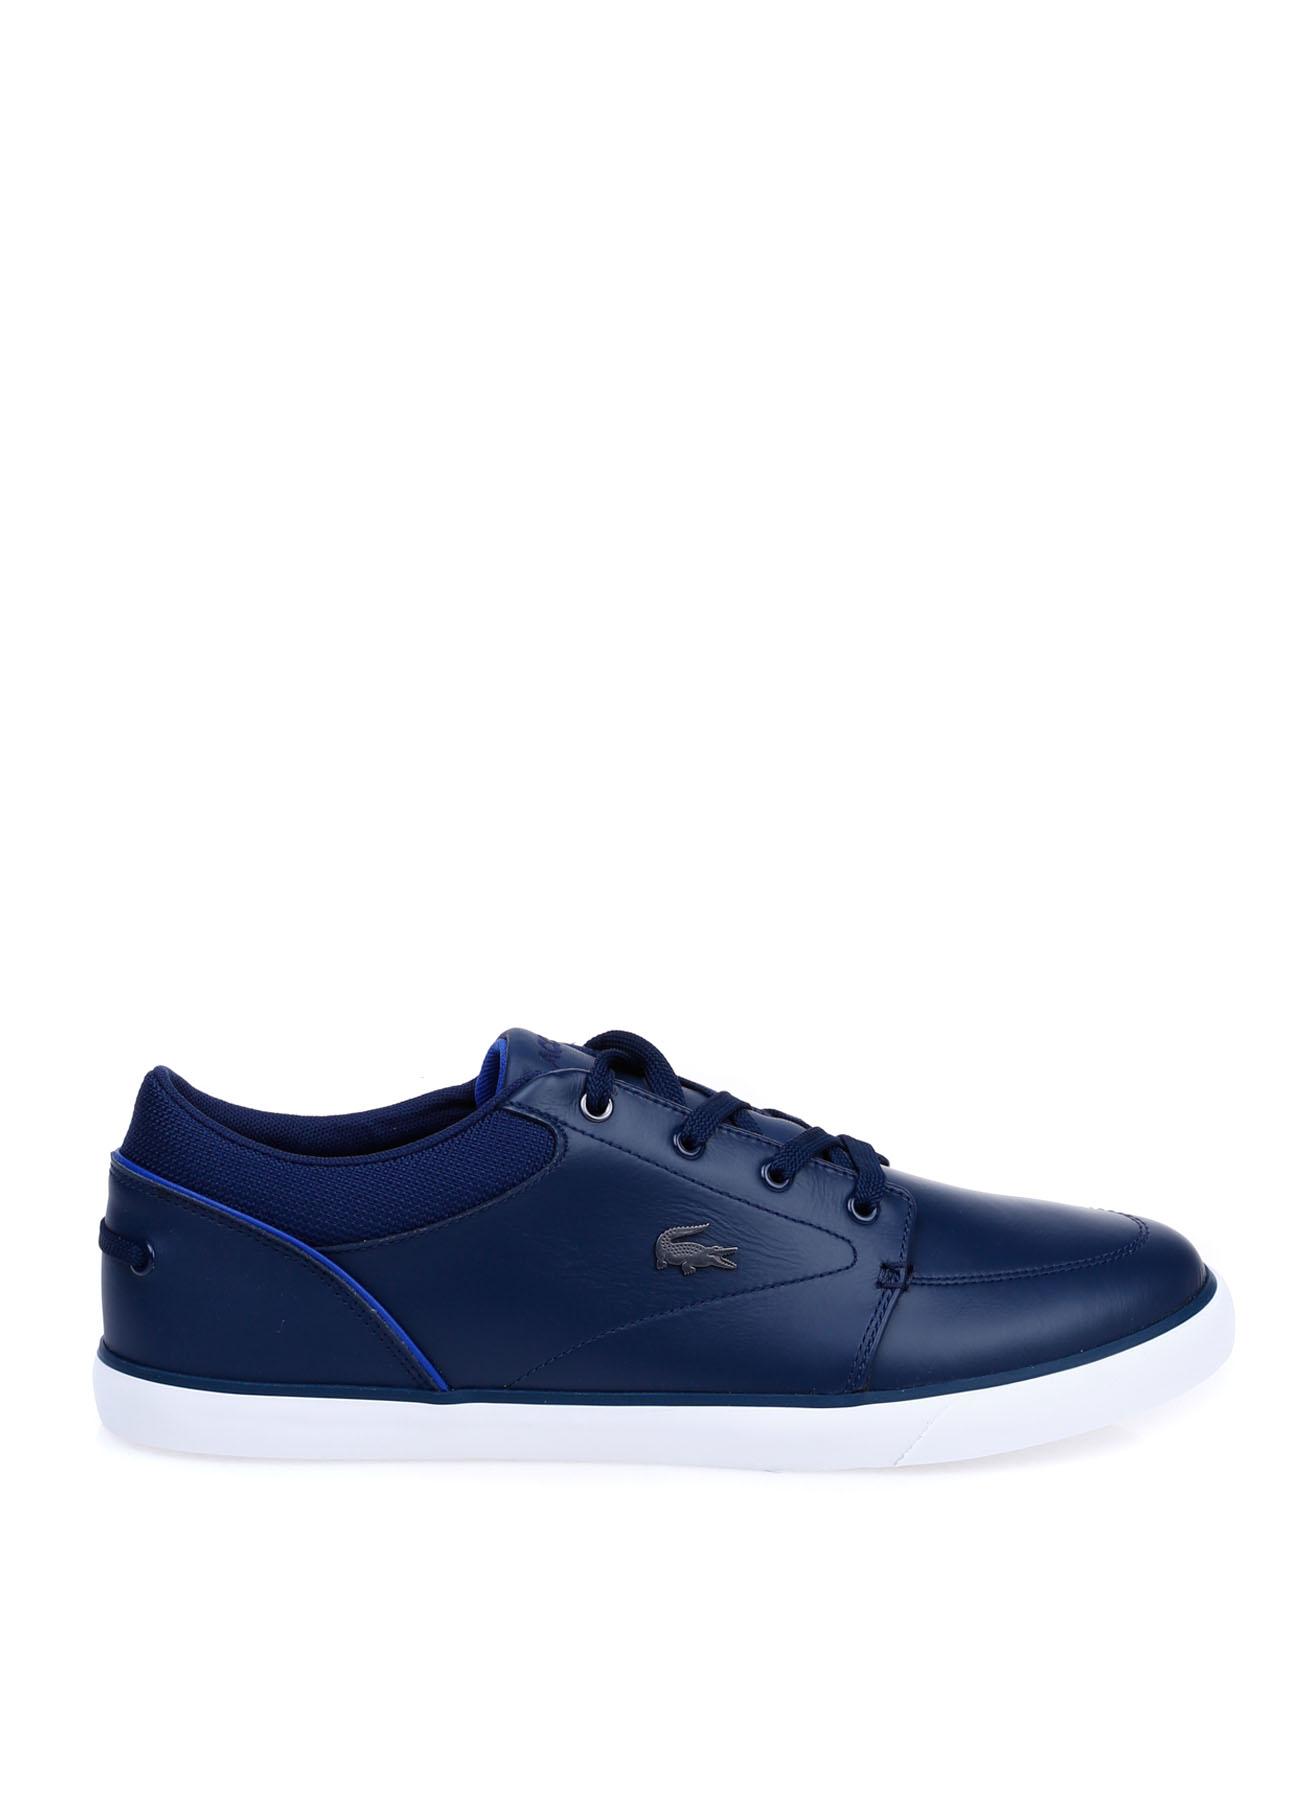 Lacoste Erkek Deri Lacivert Lifestyle Ayakkabı 42 5002314223004 Ürün Resmi